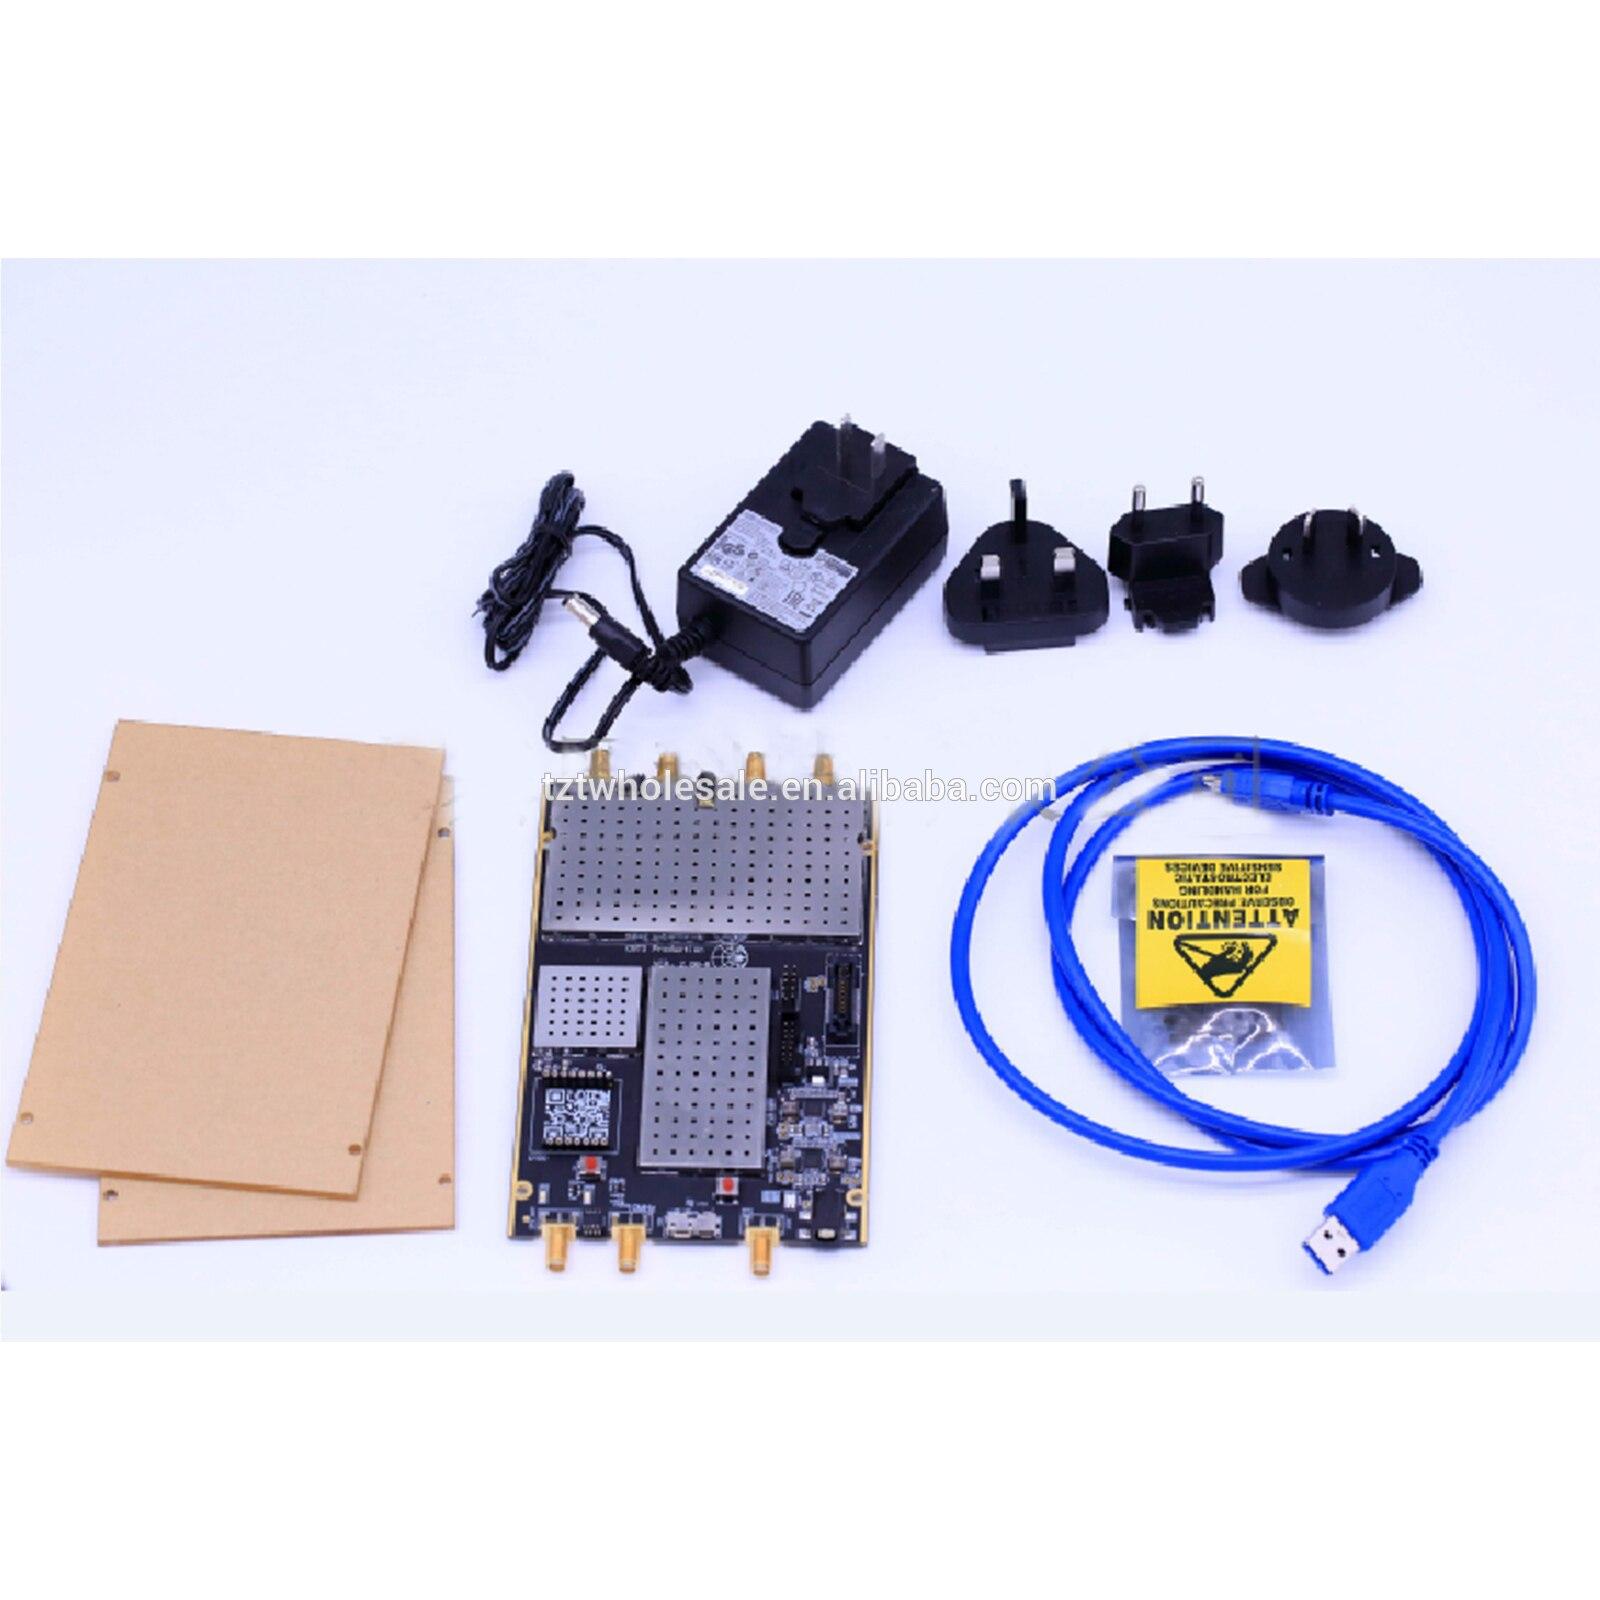 70mhz-6ghz usb3.0 compatível sdr software rádio definido com usrp b210